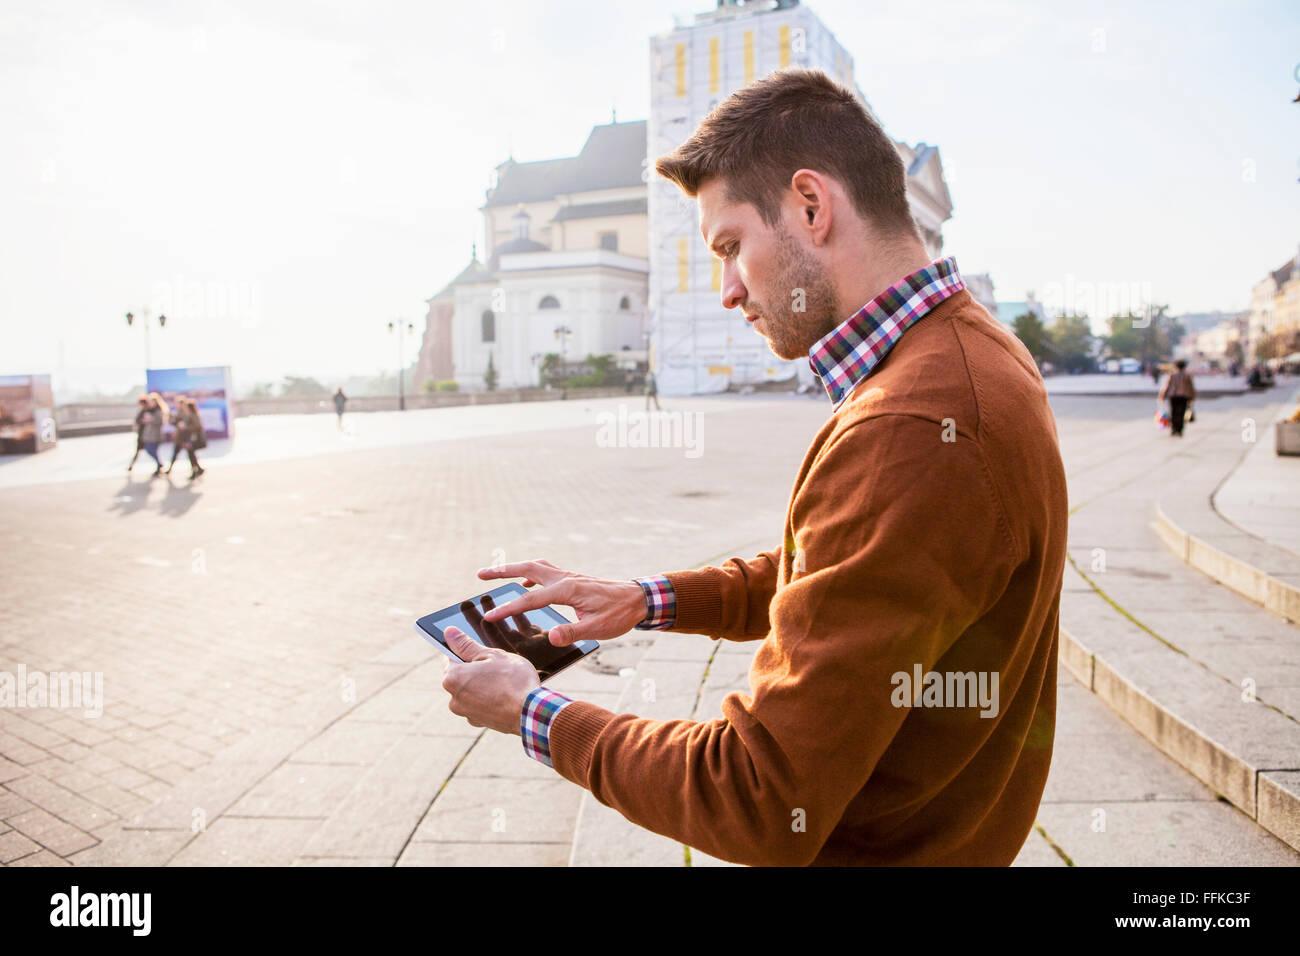 L'homme sur un séjour en ville à l'aide d'un écran tactile Photo Stock